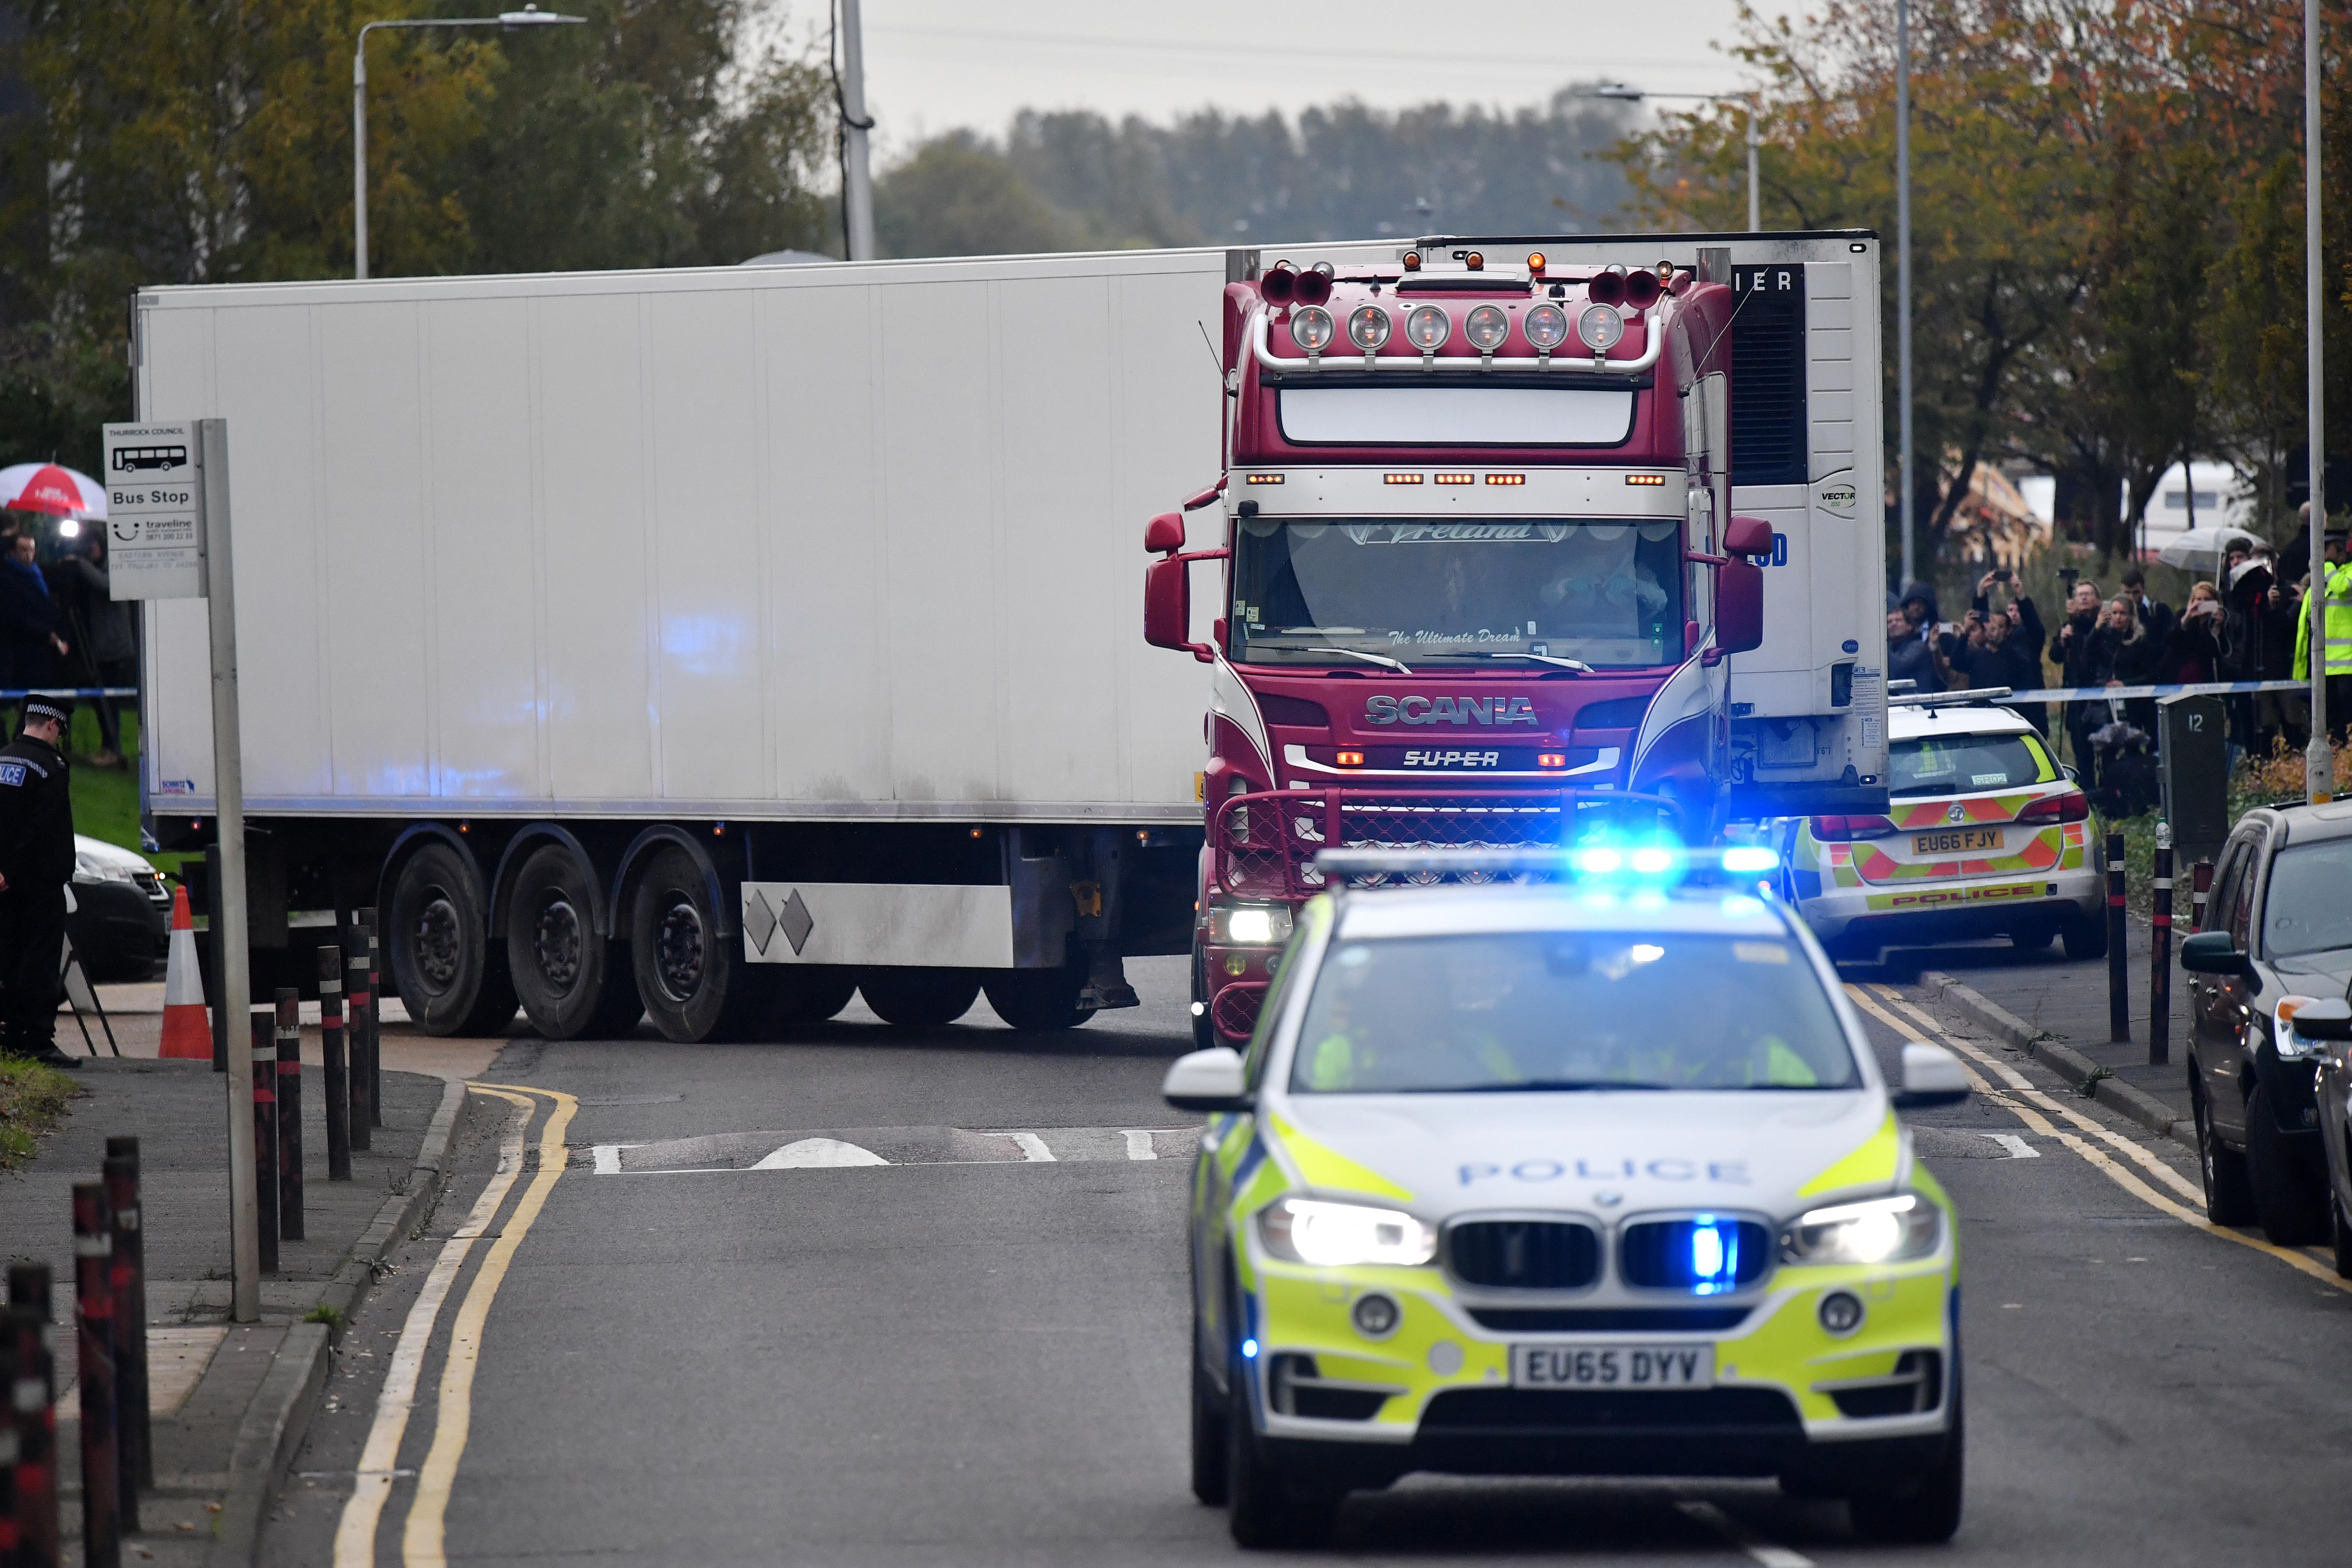 Nem Bulgáriából indult a bolgár rendszámú kamion, melyben 39 ember holttesétt találták meg Nagy-Britanniában